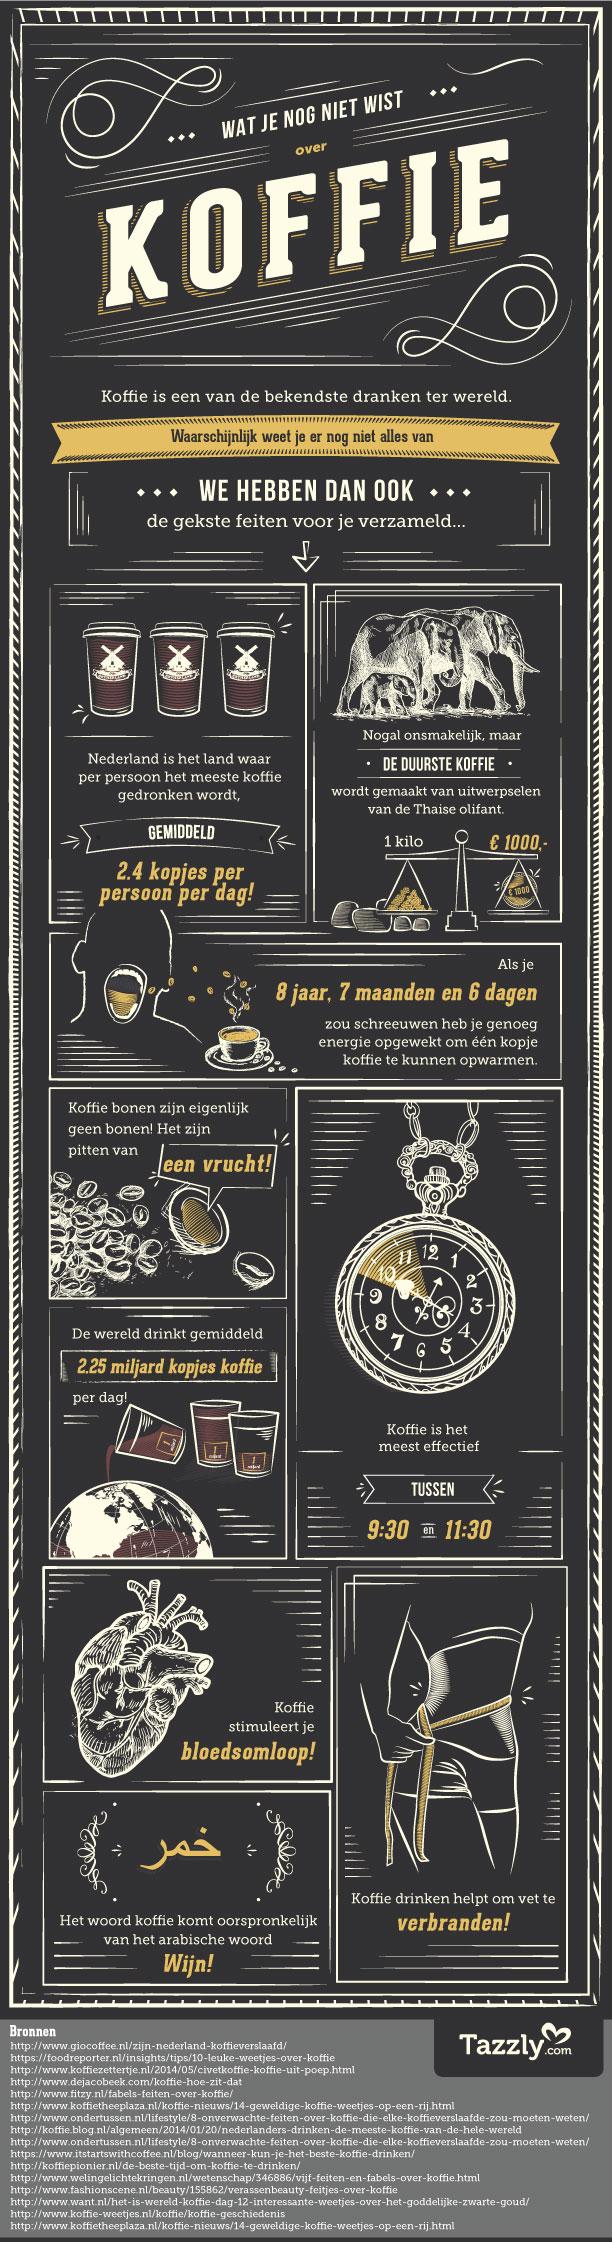 Koffie-Feiten-Tazzly